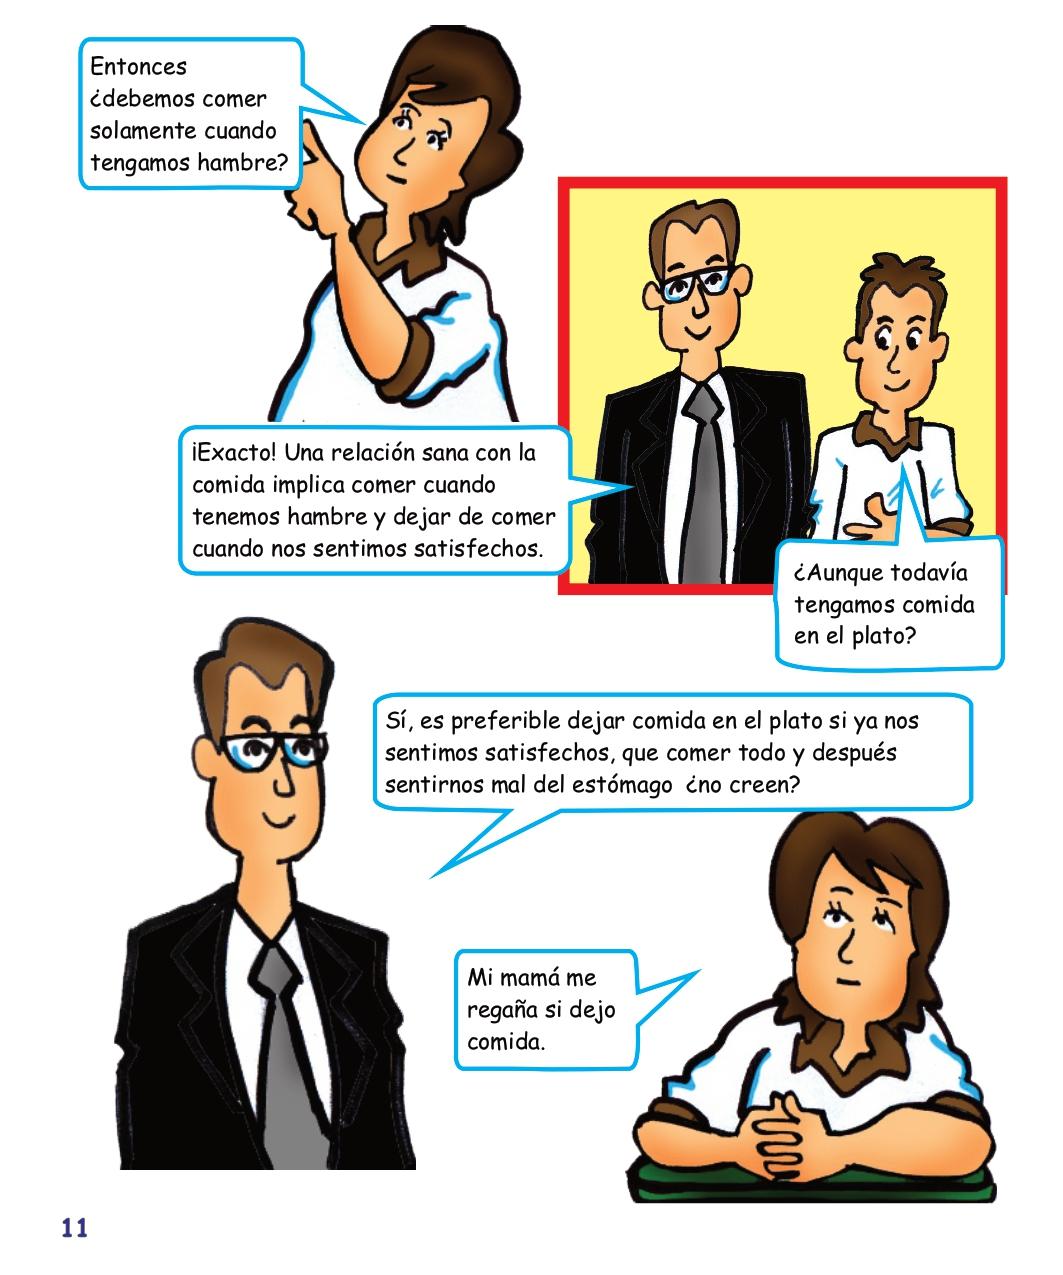 Psicología adolescentes Reyhan cap1 digital_page-0014